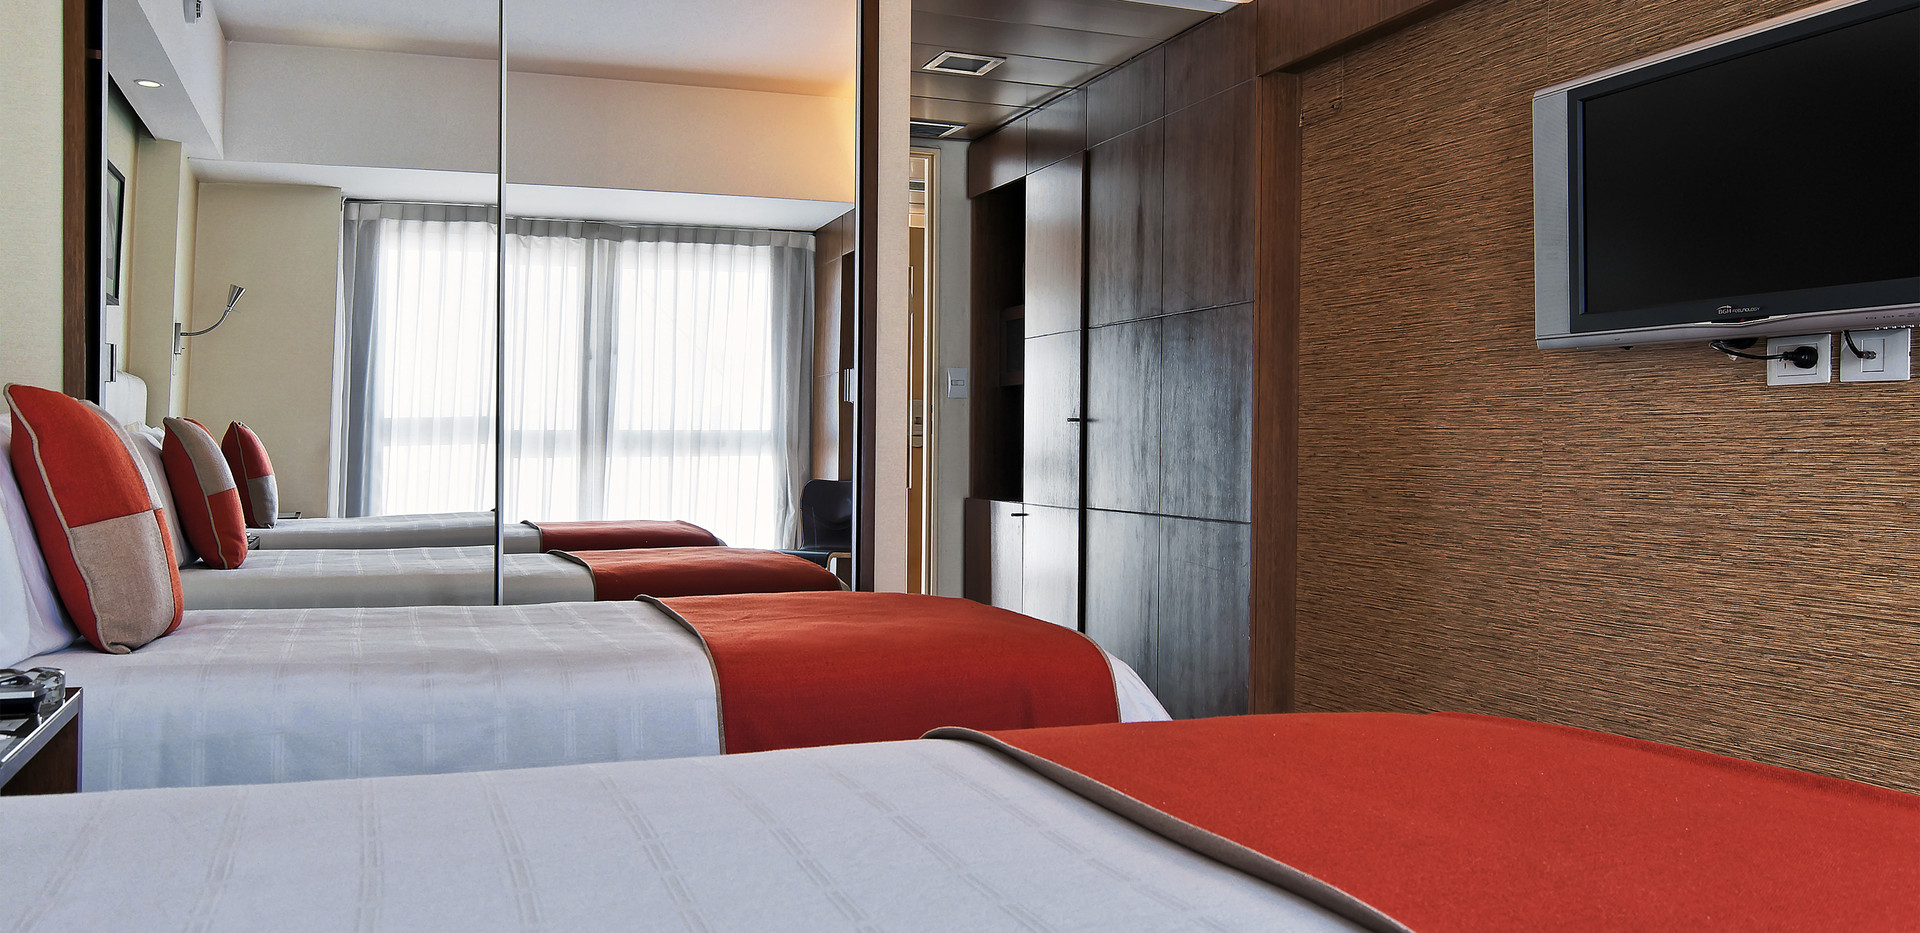 06Regente Palace_08_Suite_04 copy.jpg